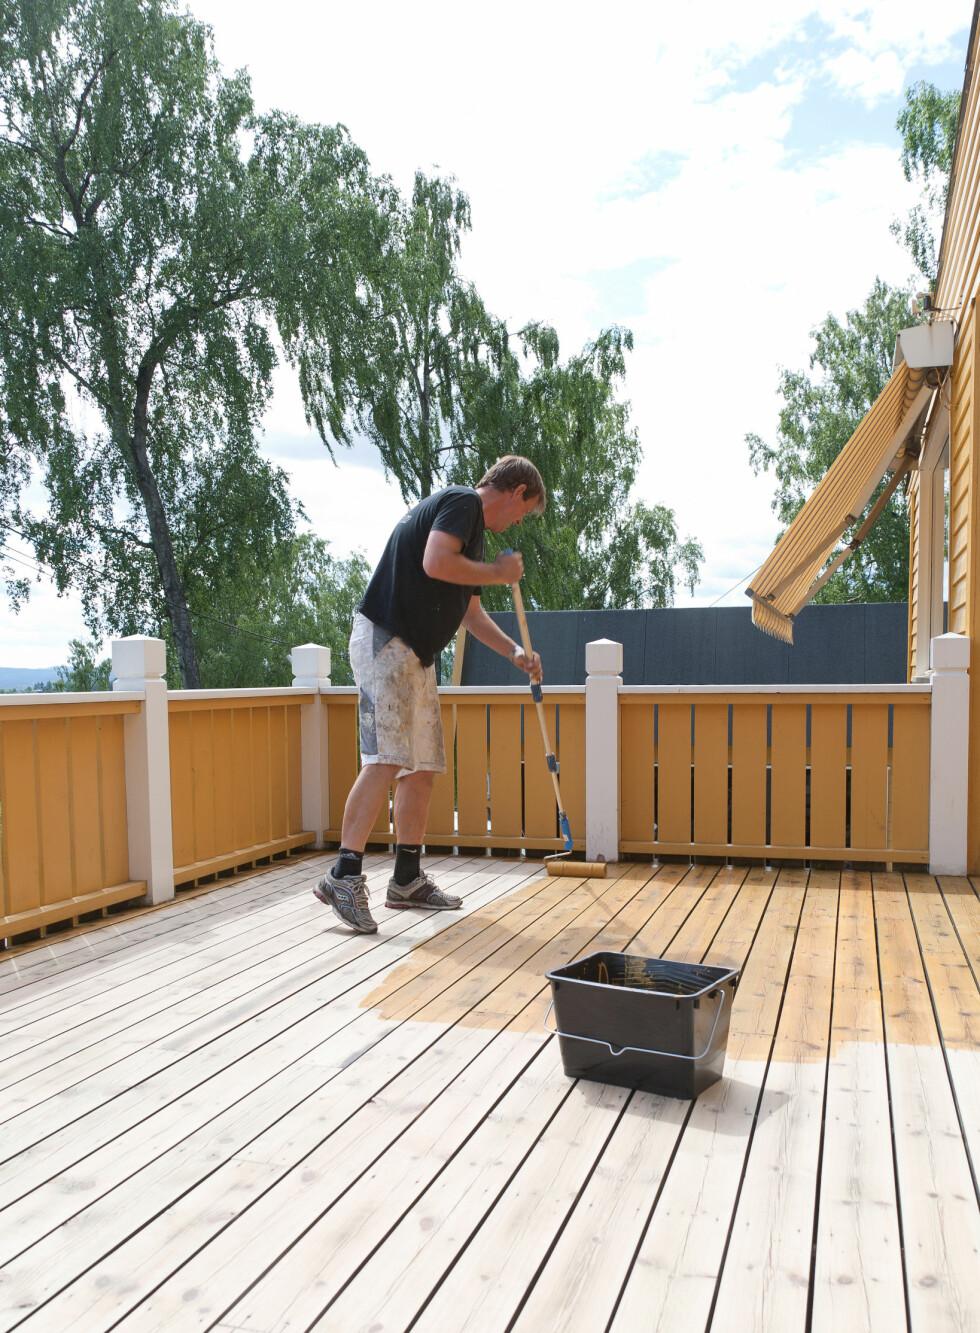 Skal du beise, er det viktig at treverket er helt tørt. Det bør heller ikke være for varmt eller for sterkt sollys - lett overskyet vær som på bildet er gunstig.  Foto: IFI.NO